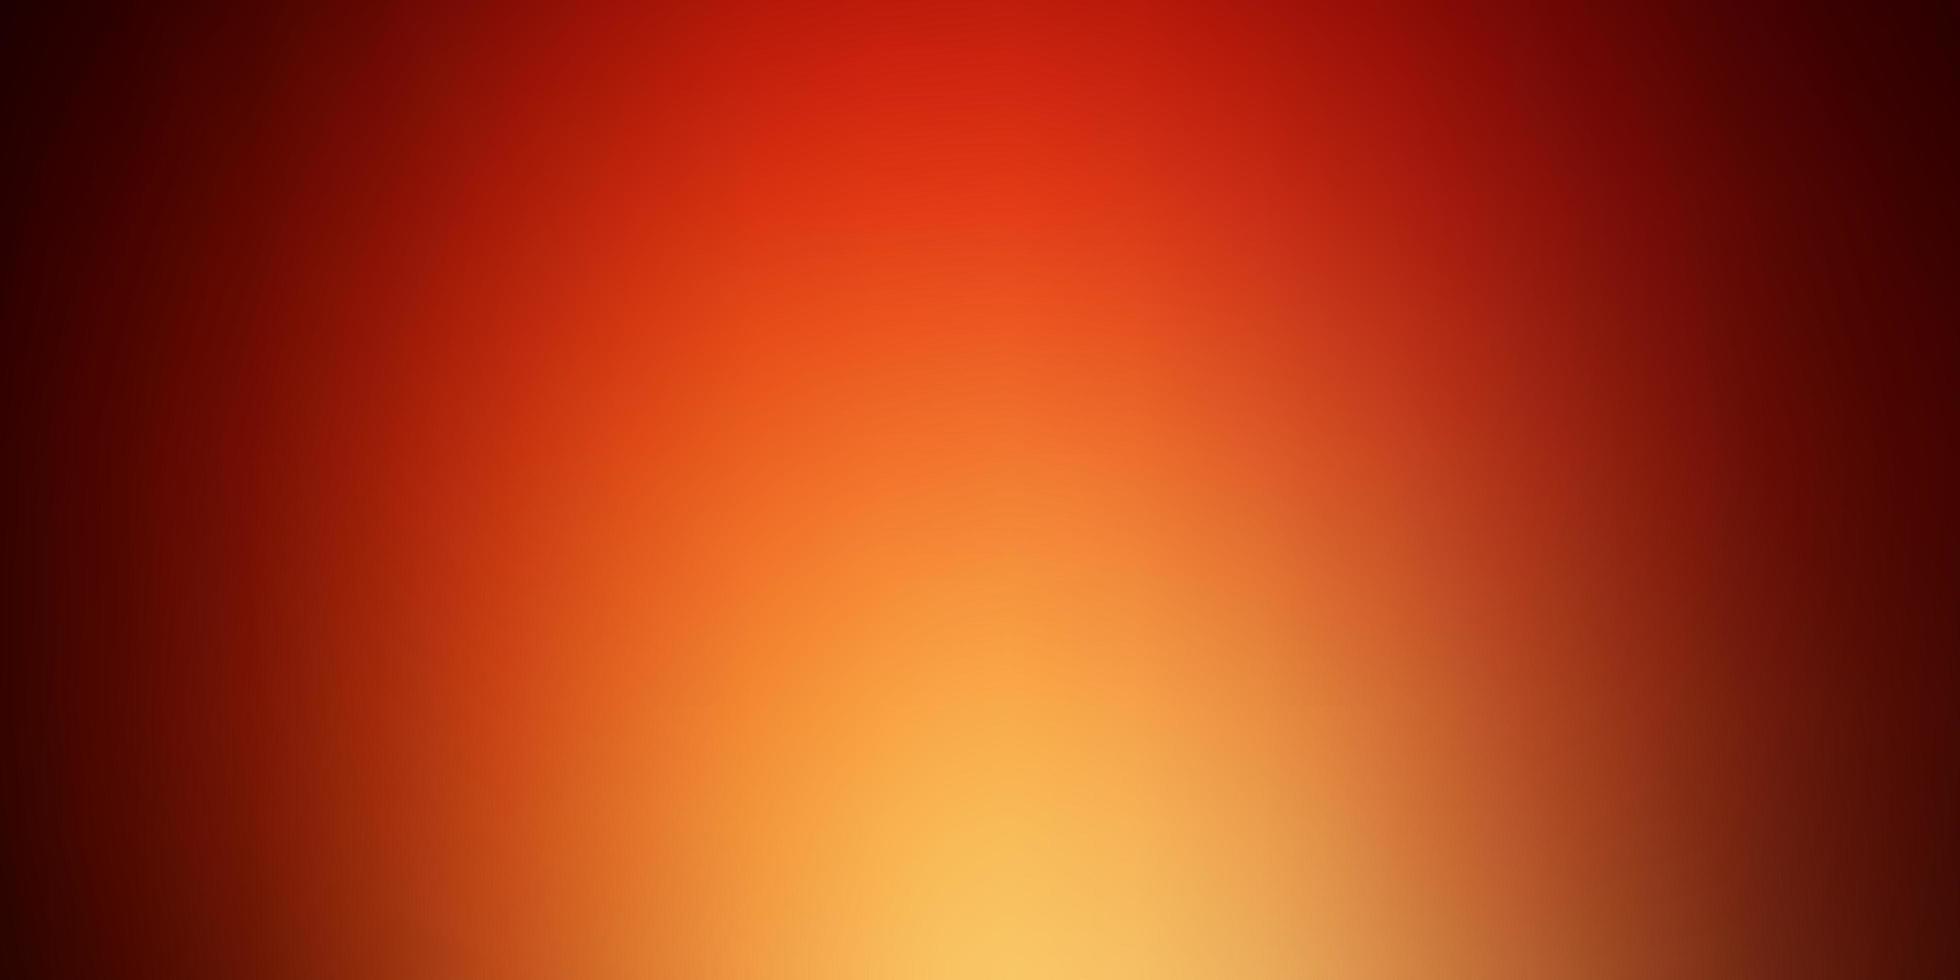 mörkrött smart suddigt mönster. vektor